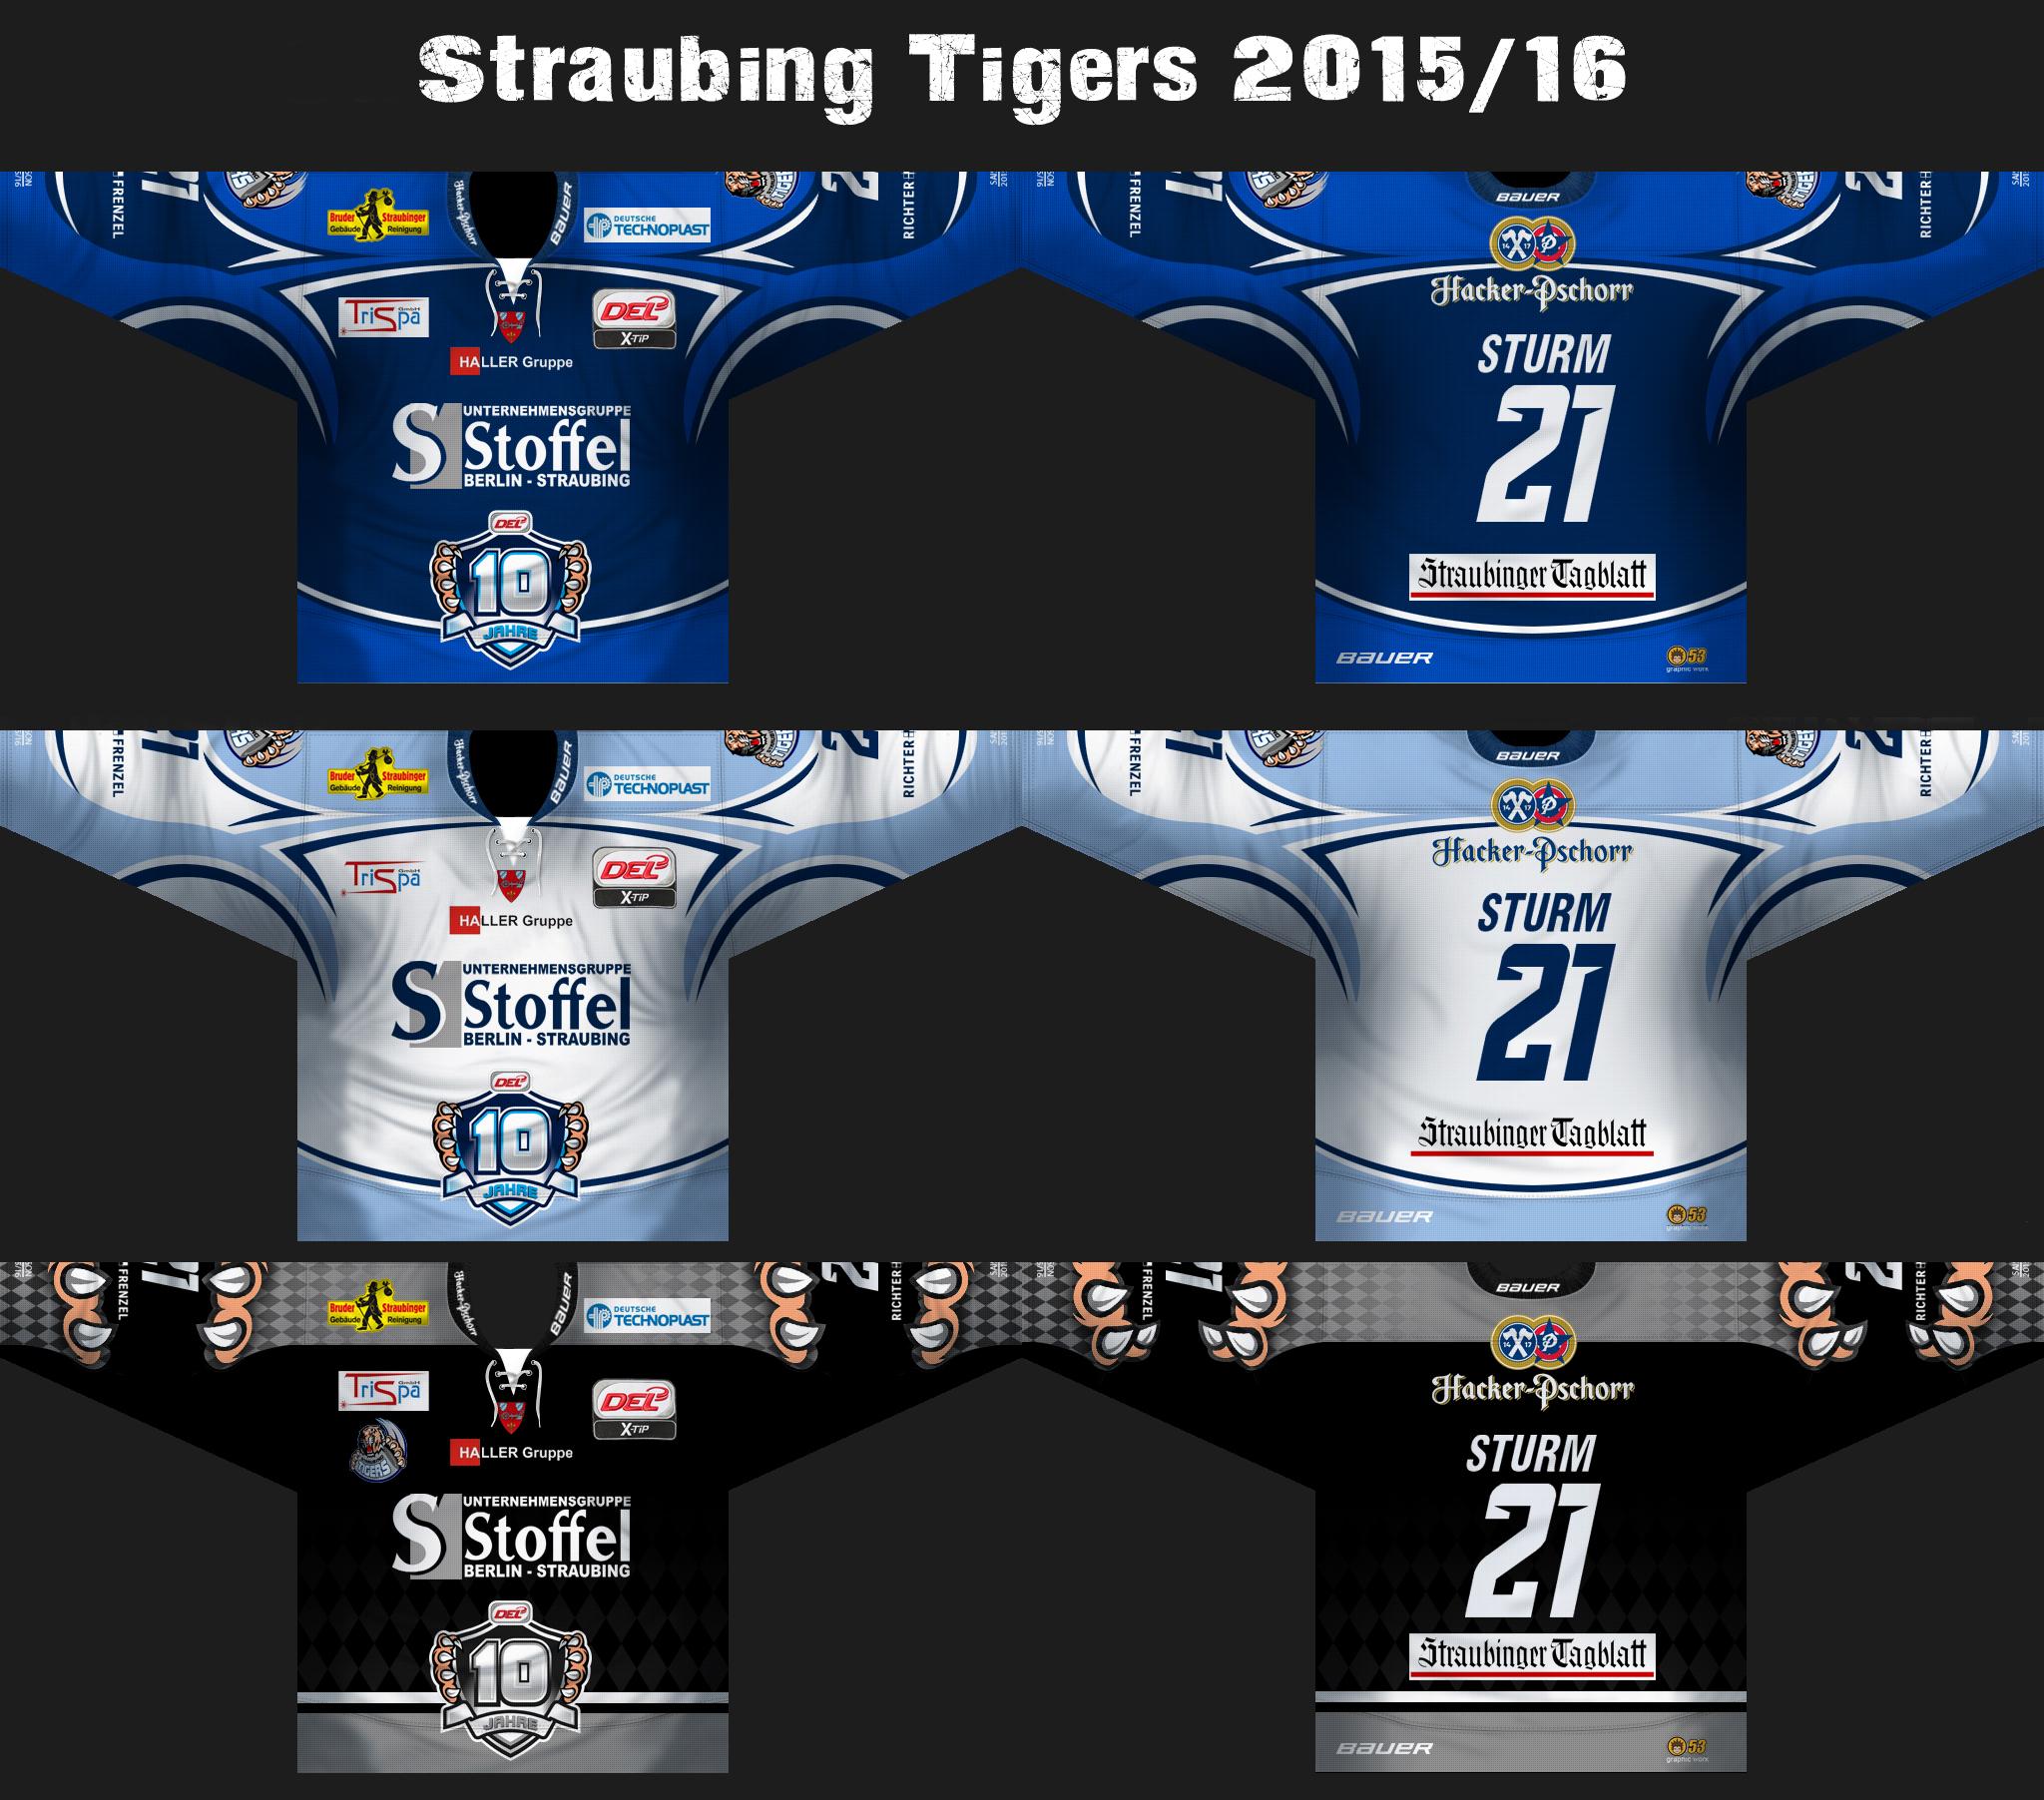 Straubing-1516.jpg